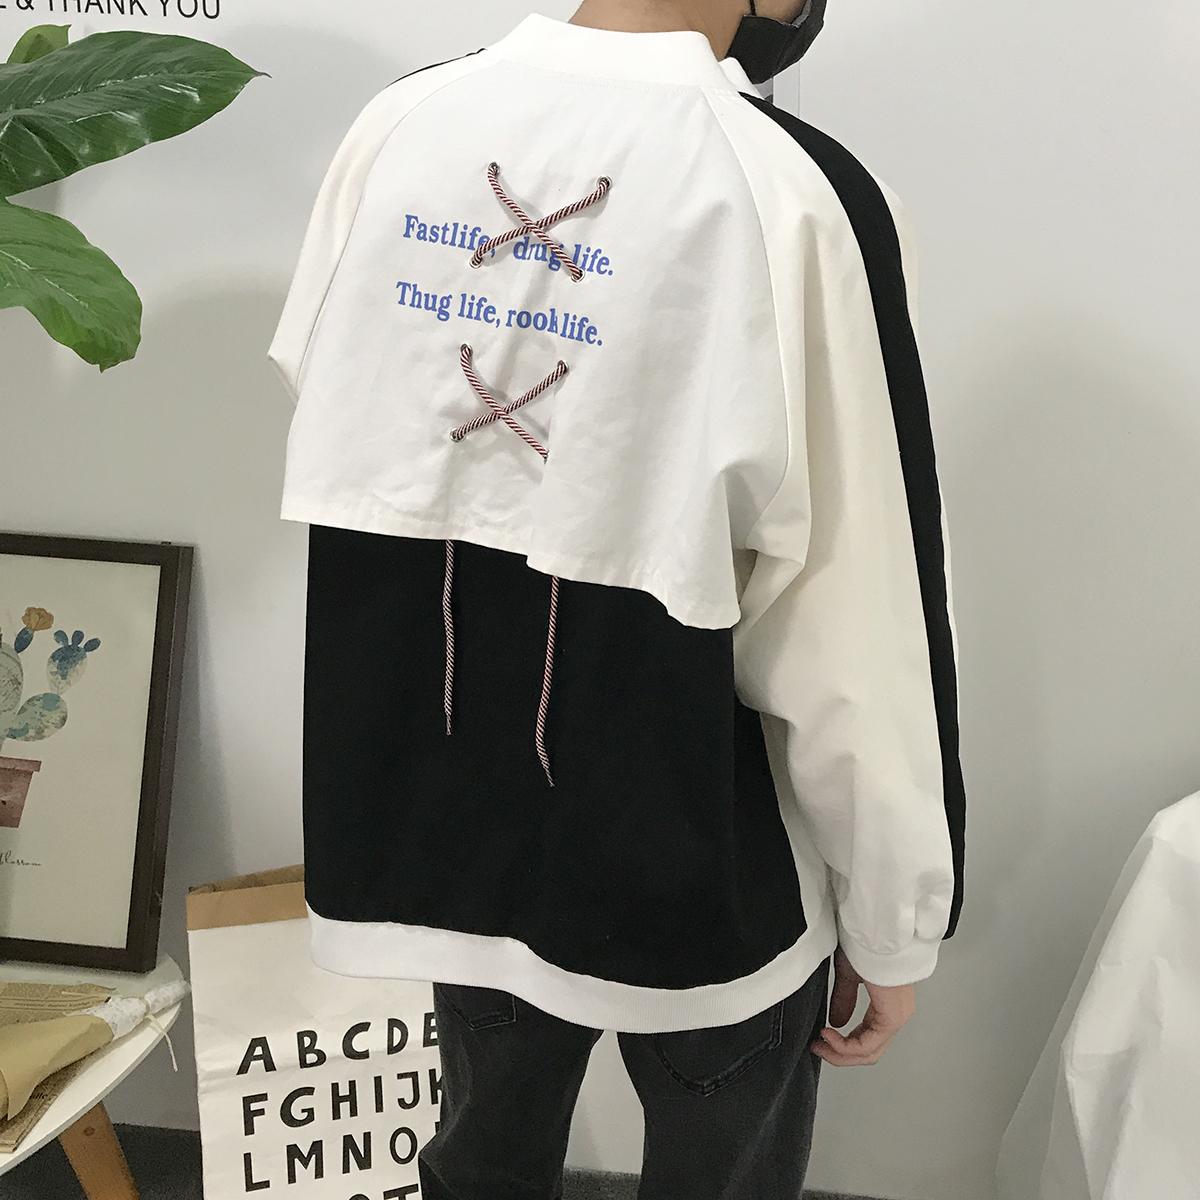 Mùa xuân áo mới nam Hàn Quốc phiên bản của xu hướng đẹp trai màu sắc phù hợp với áo khoác băng trang trí lại dây kéo cá tính đồng phục bóng chày